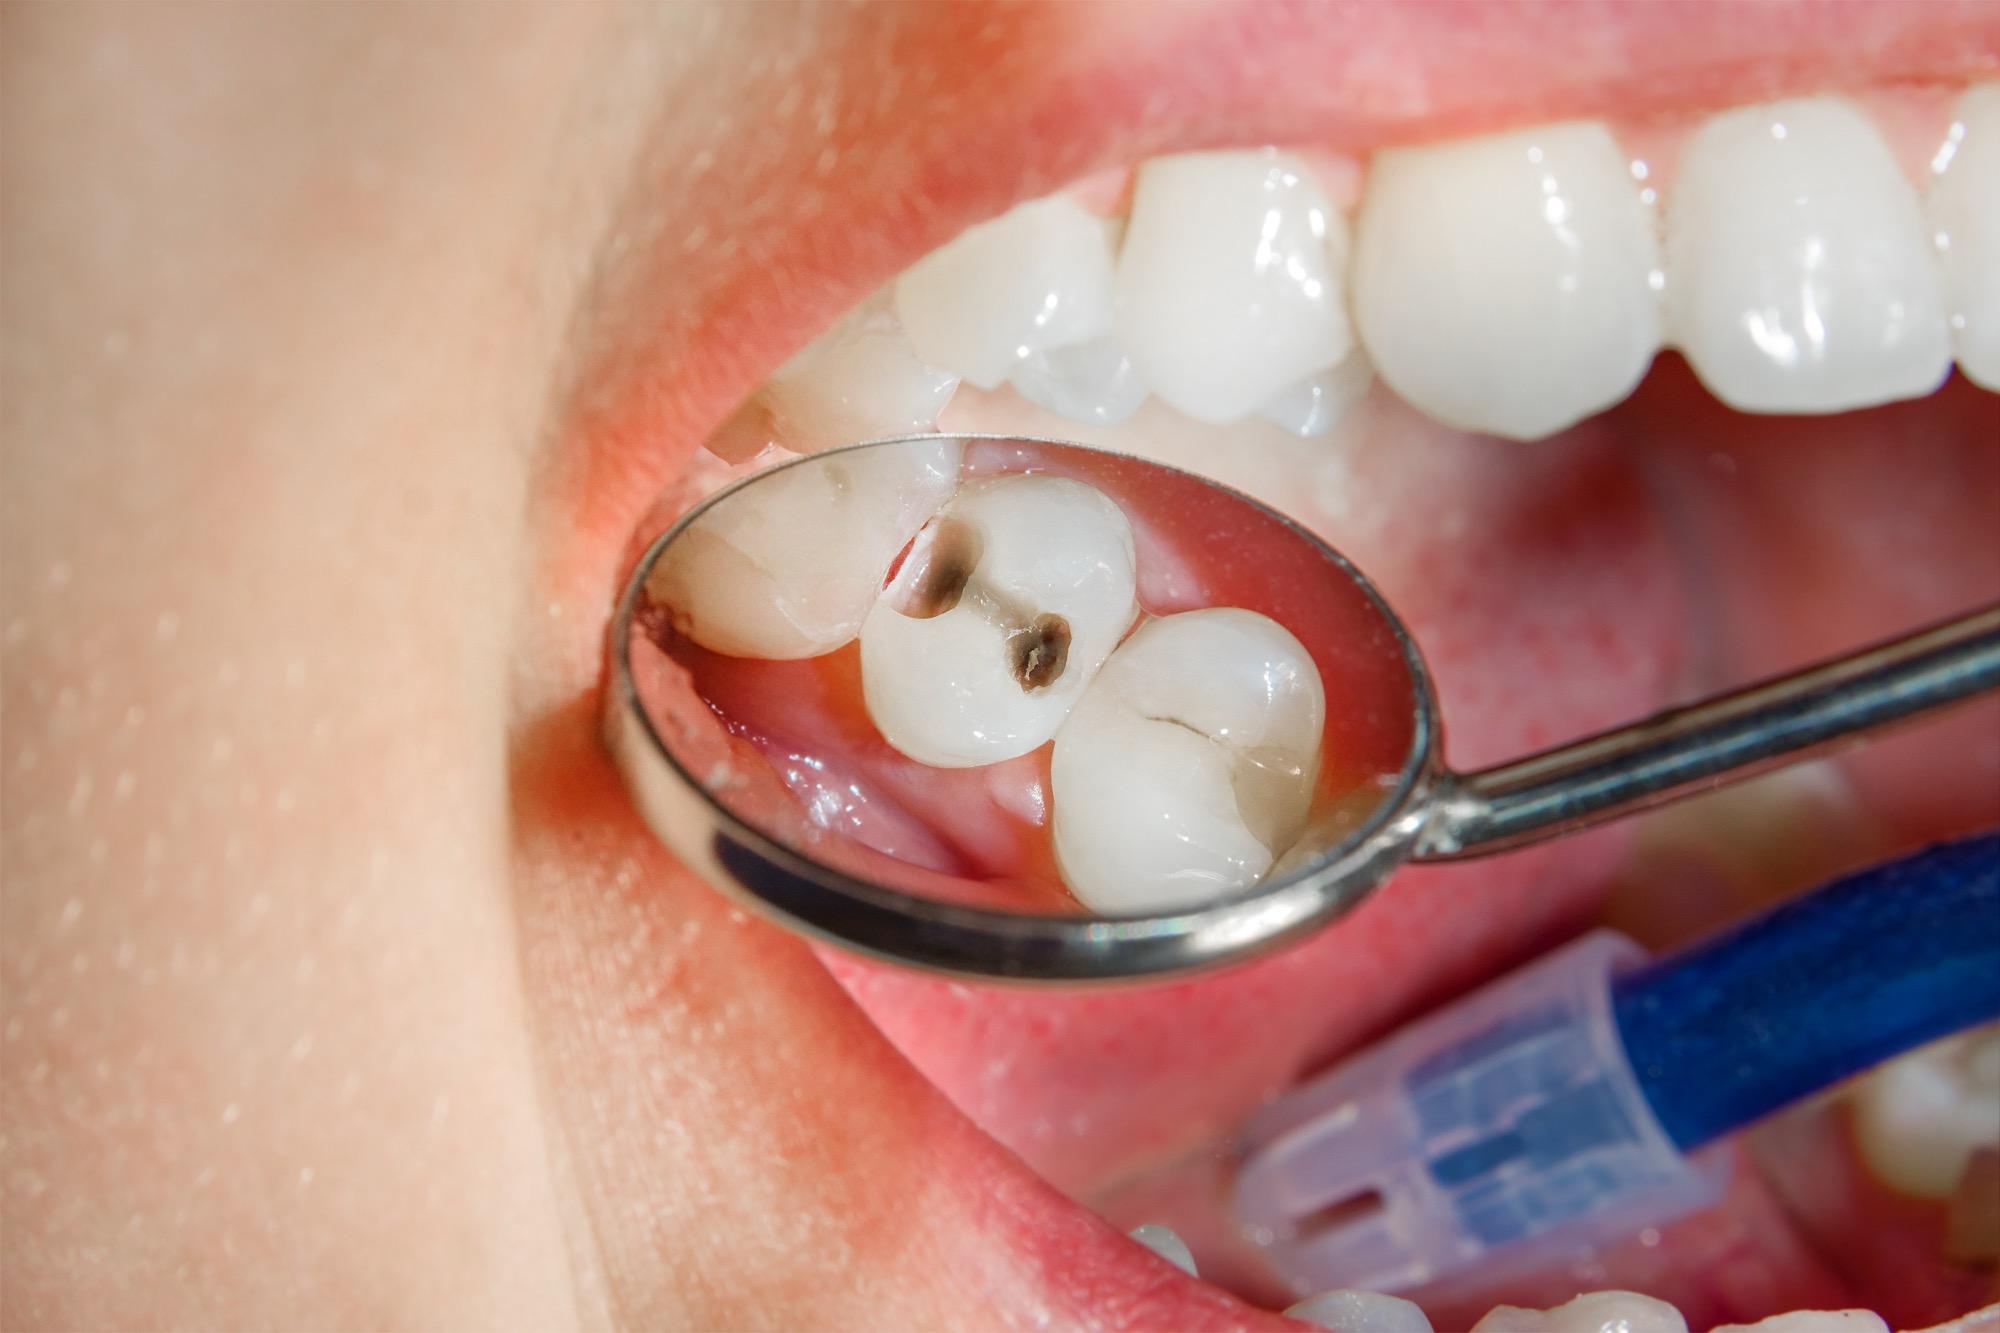 Eine Füllung mit Komposit ist ein aufwendiger Prozess. Denn hier kommt es auf die Präzision an. Zuerst muss der Zahn vorbereitet werden. Das kann bedeuten, dass wir eine alte Füllung entfernen (Zum Beispiel eine Amalgamfüllung). Oder Ihren Zahn von Karies befreien müssen. Im Anschluss bereiten wir ihn durch das Auftragen eines speziellen Gels auf die Verbindung mit dem Komposit vor.